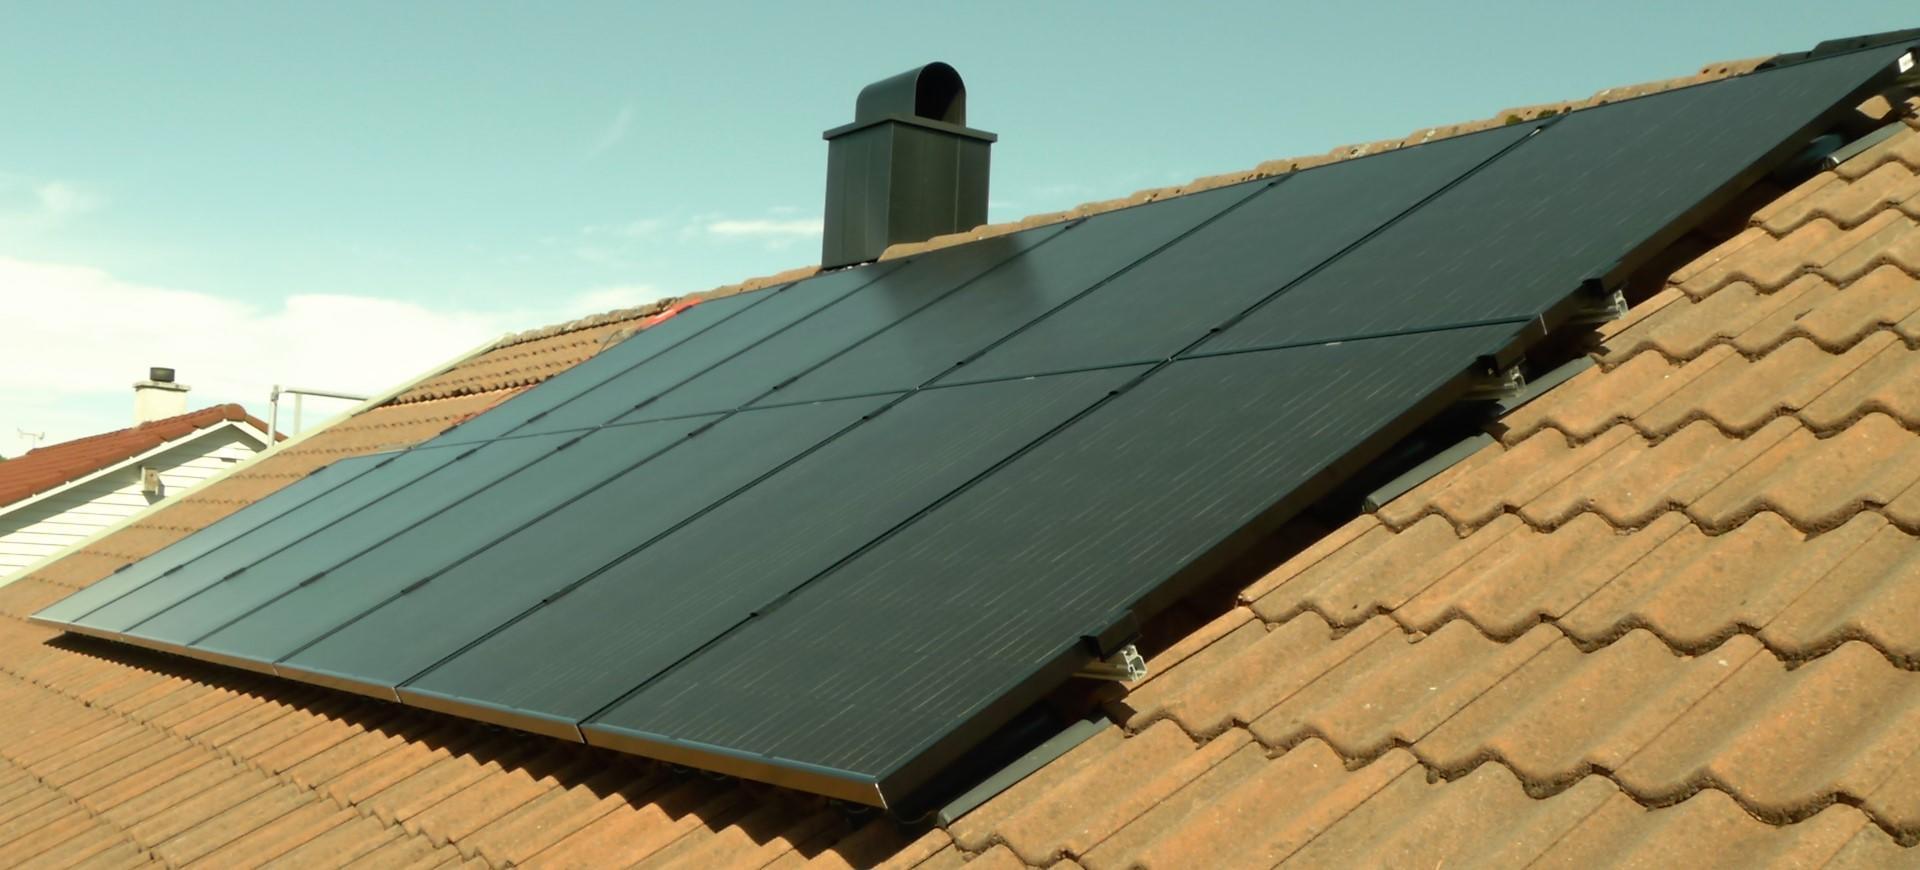 Solcelleanlegg på rødt hustak